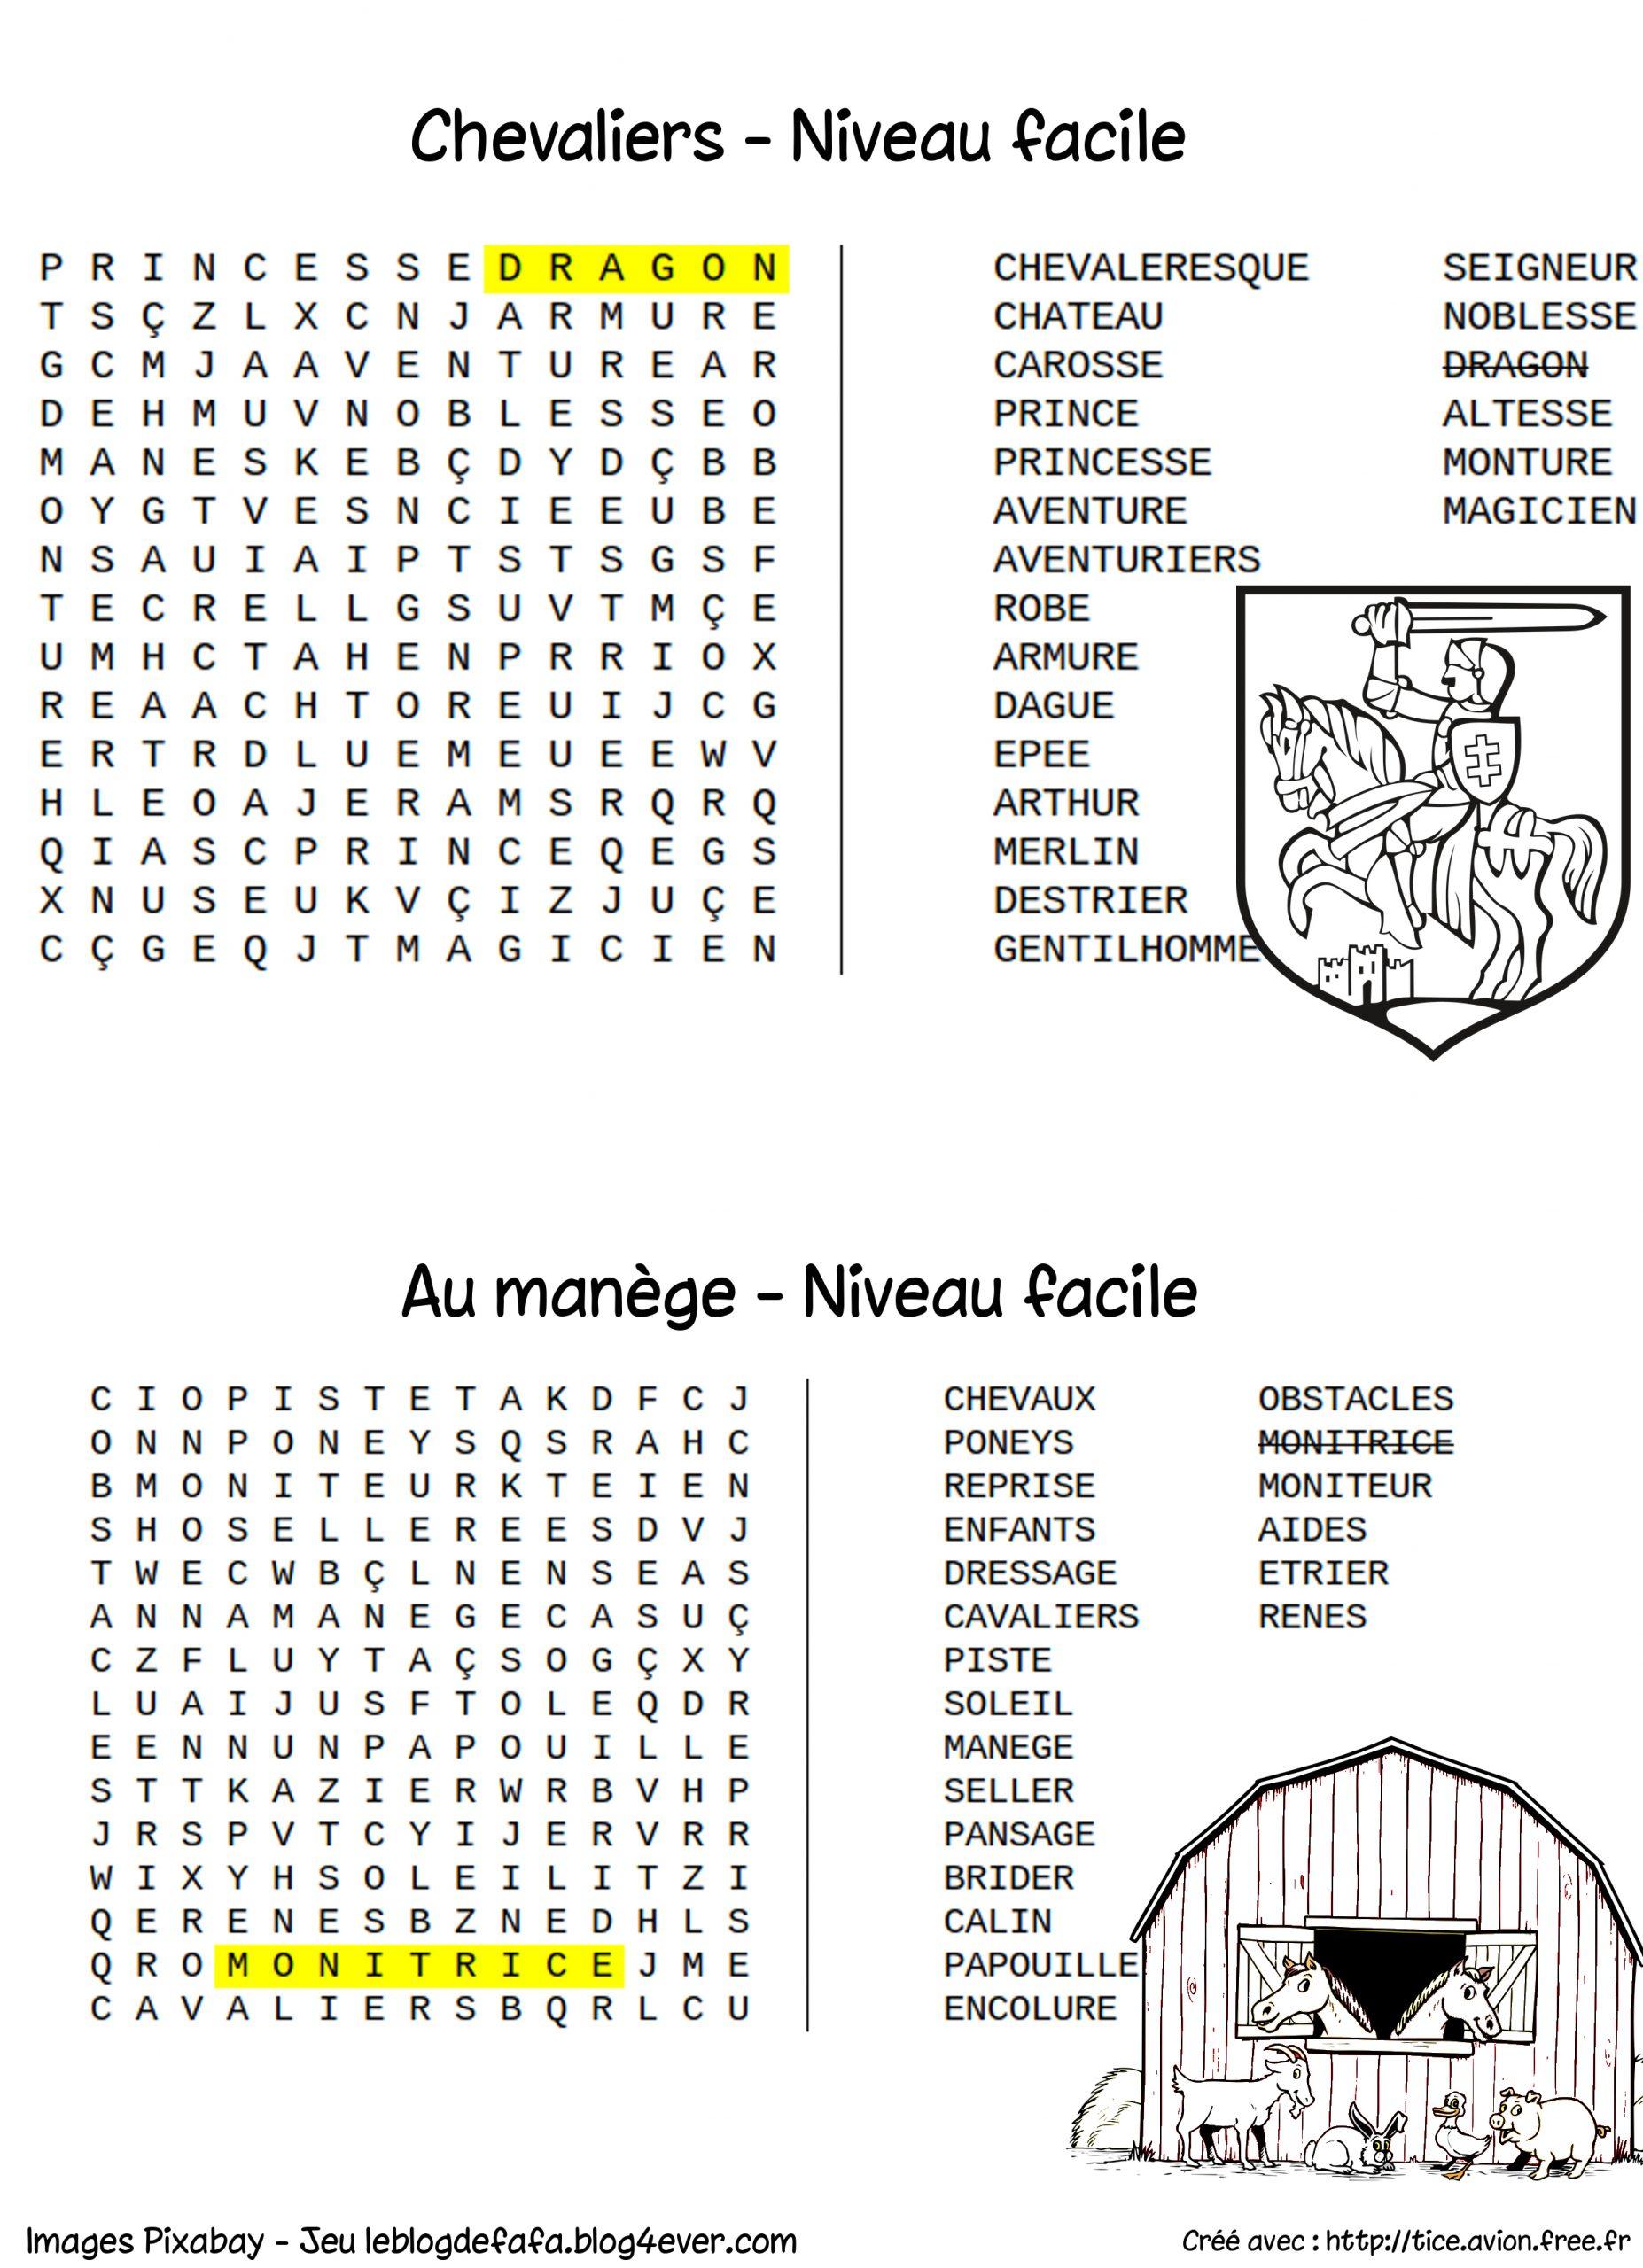 Mots Mêlés Gratuits À Imprimer Cheval Et Équitation (Nouveau encequiconcerne Mots Croisés Difficiles Gratuits À Imprimer